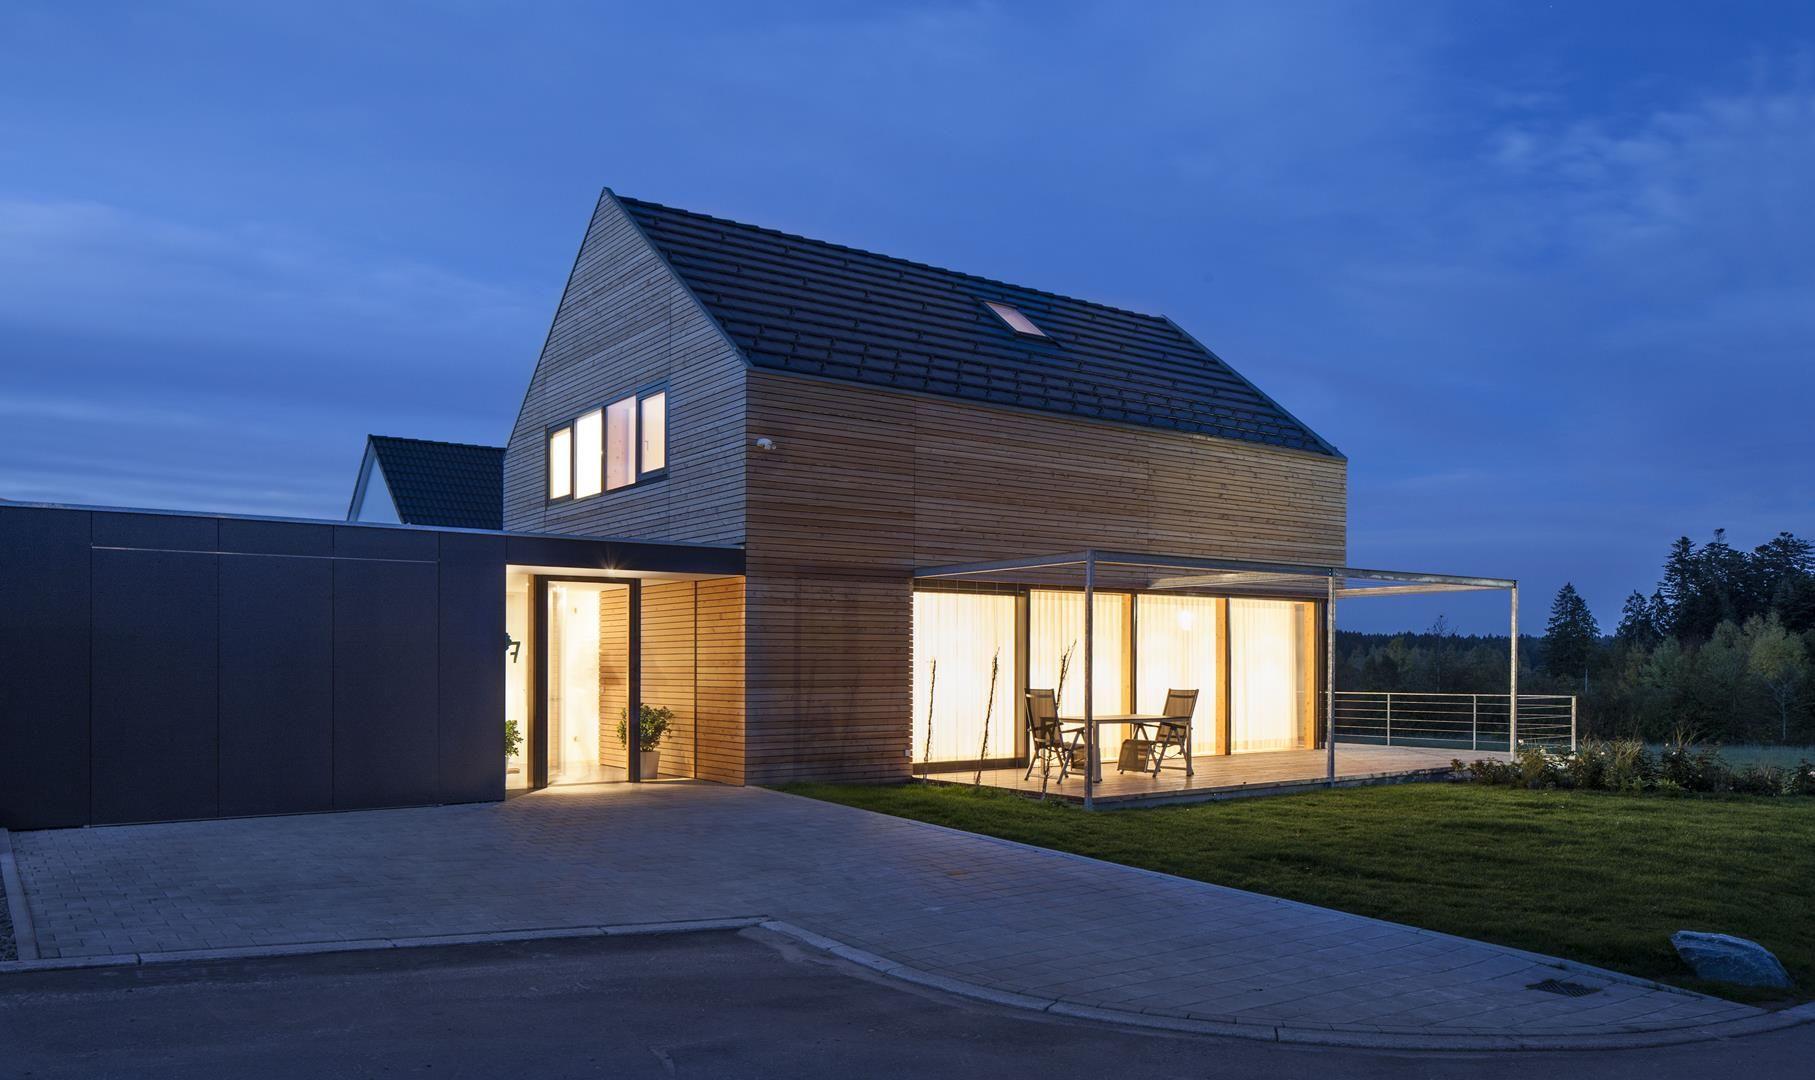 Modernes Holzhaus holzhaus modern villingen 03 haus holzhäuschen